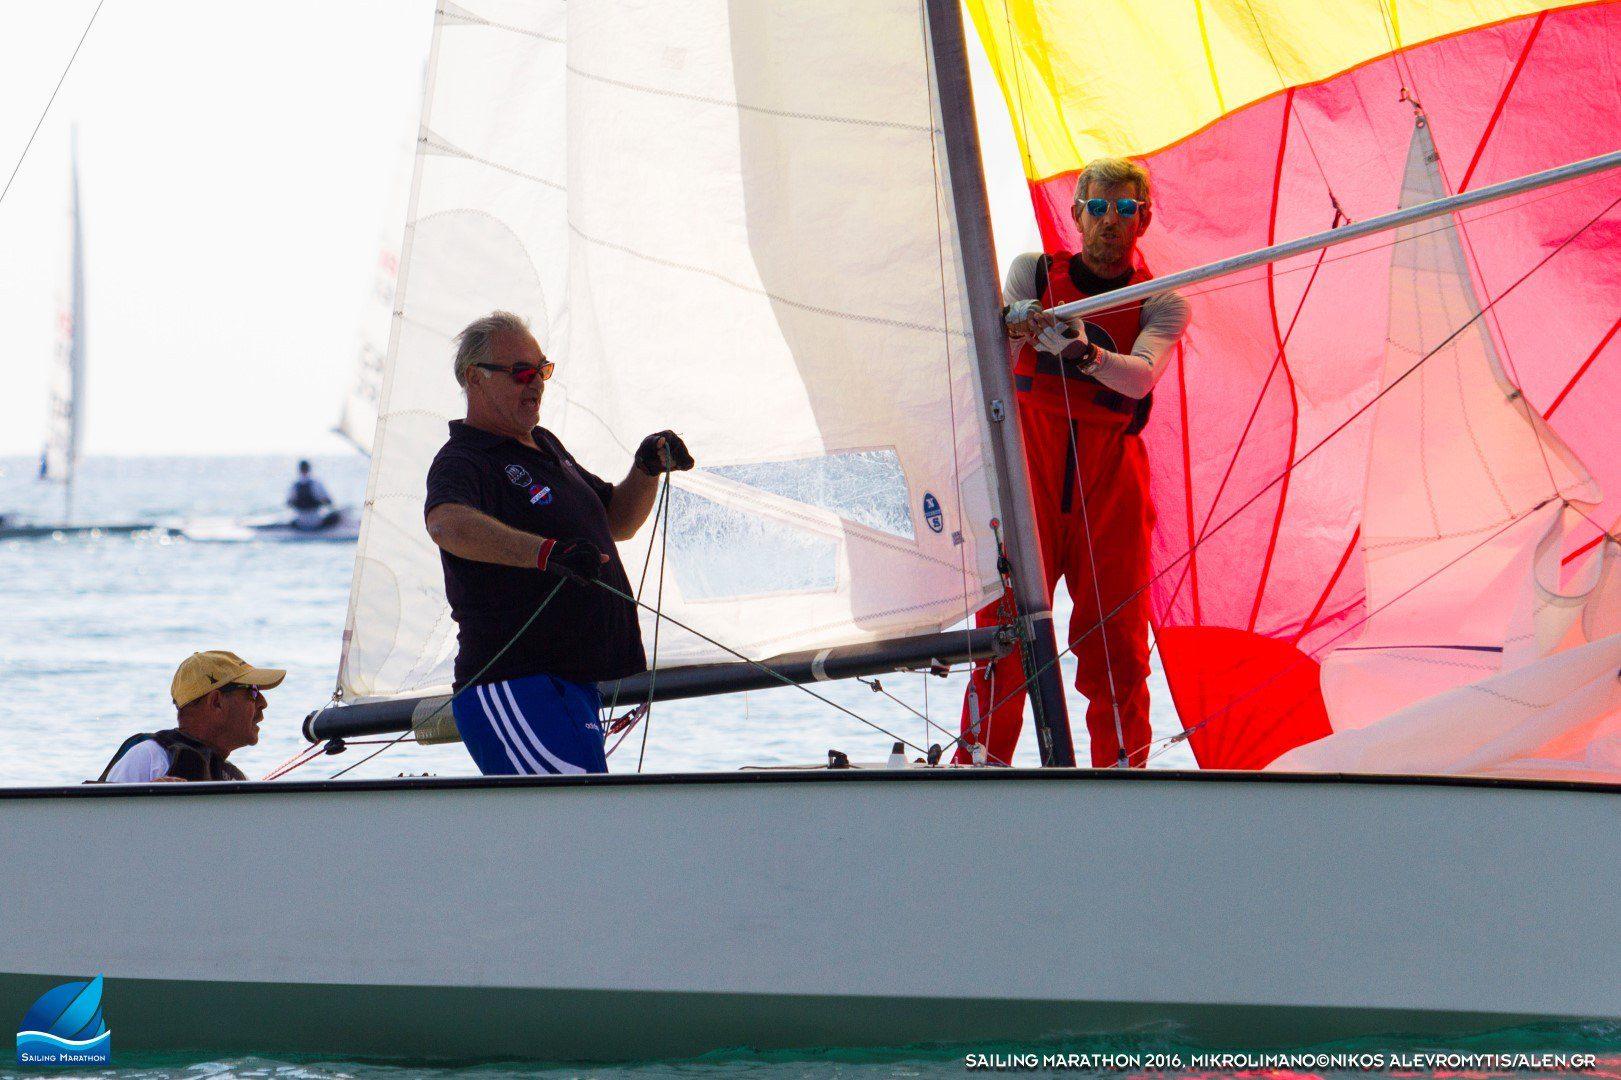 Ο Τάσος Μπουντούρης ξανά στις θάλασσες στο Sailing Marathon